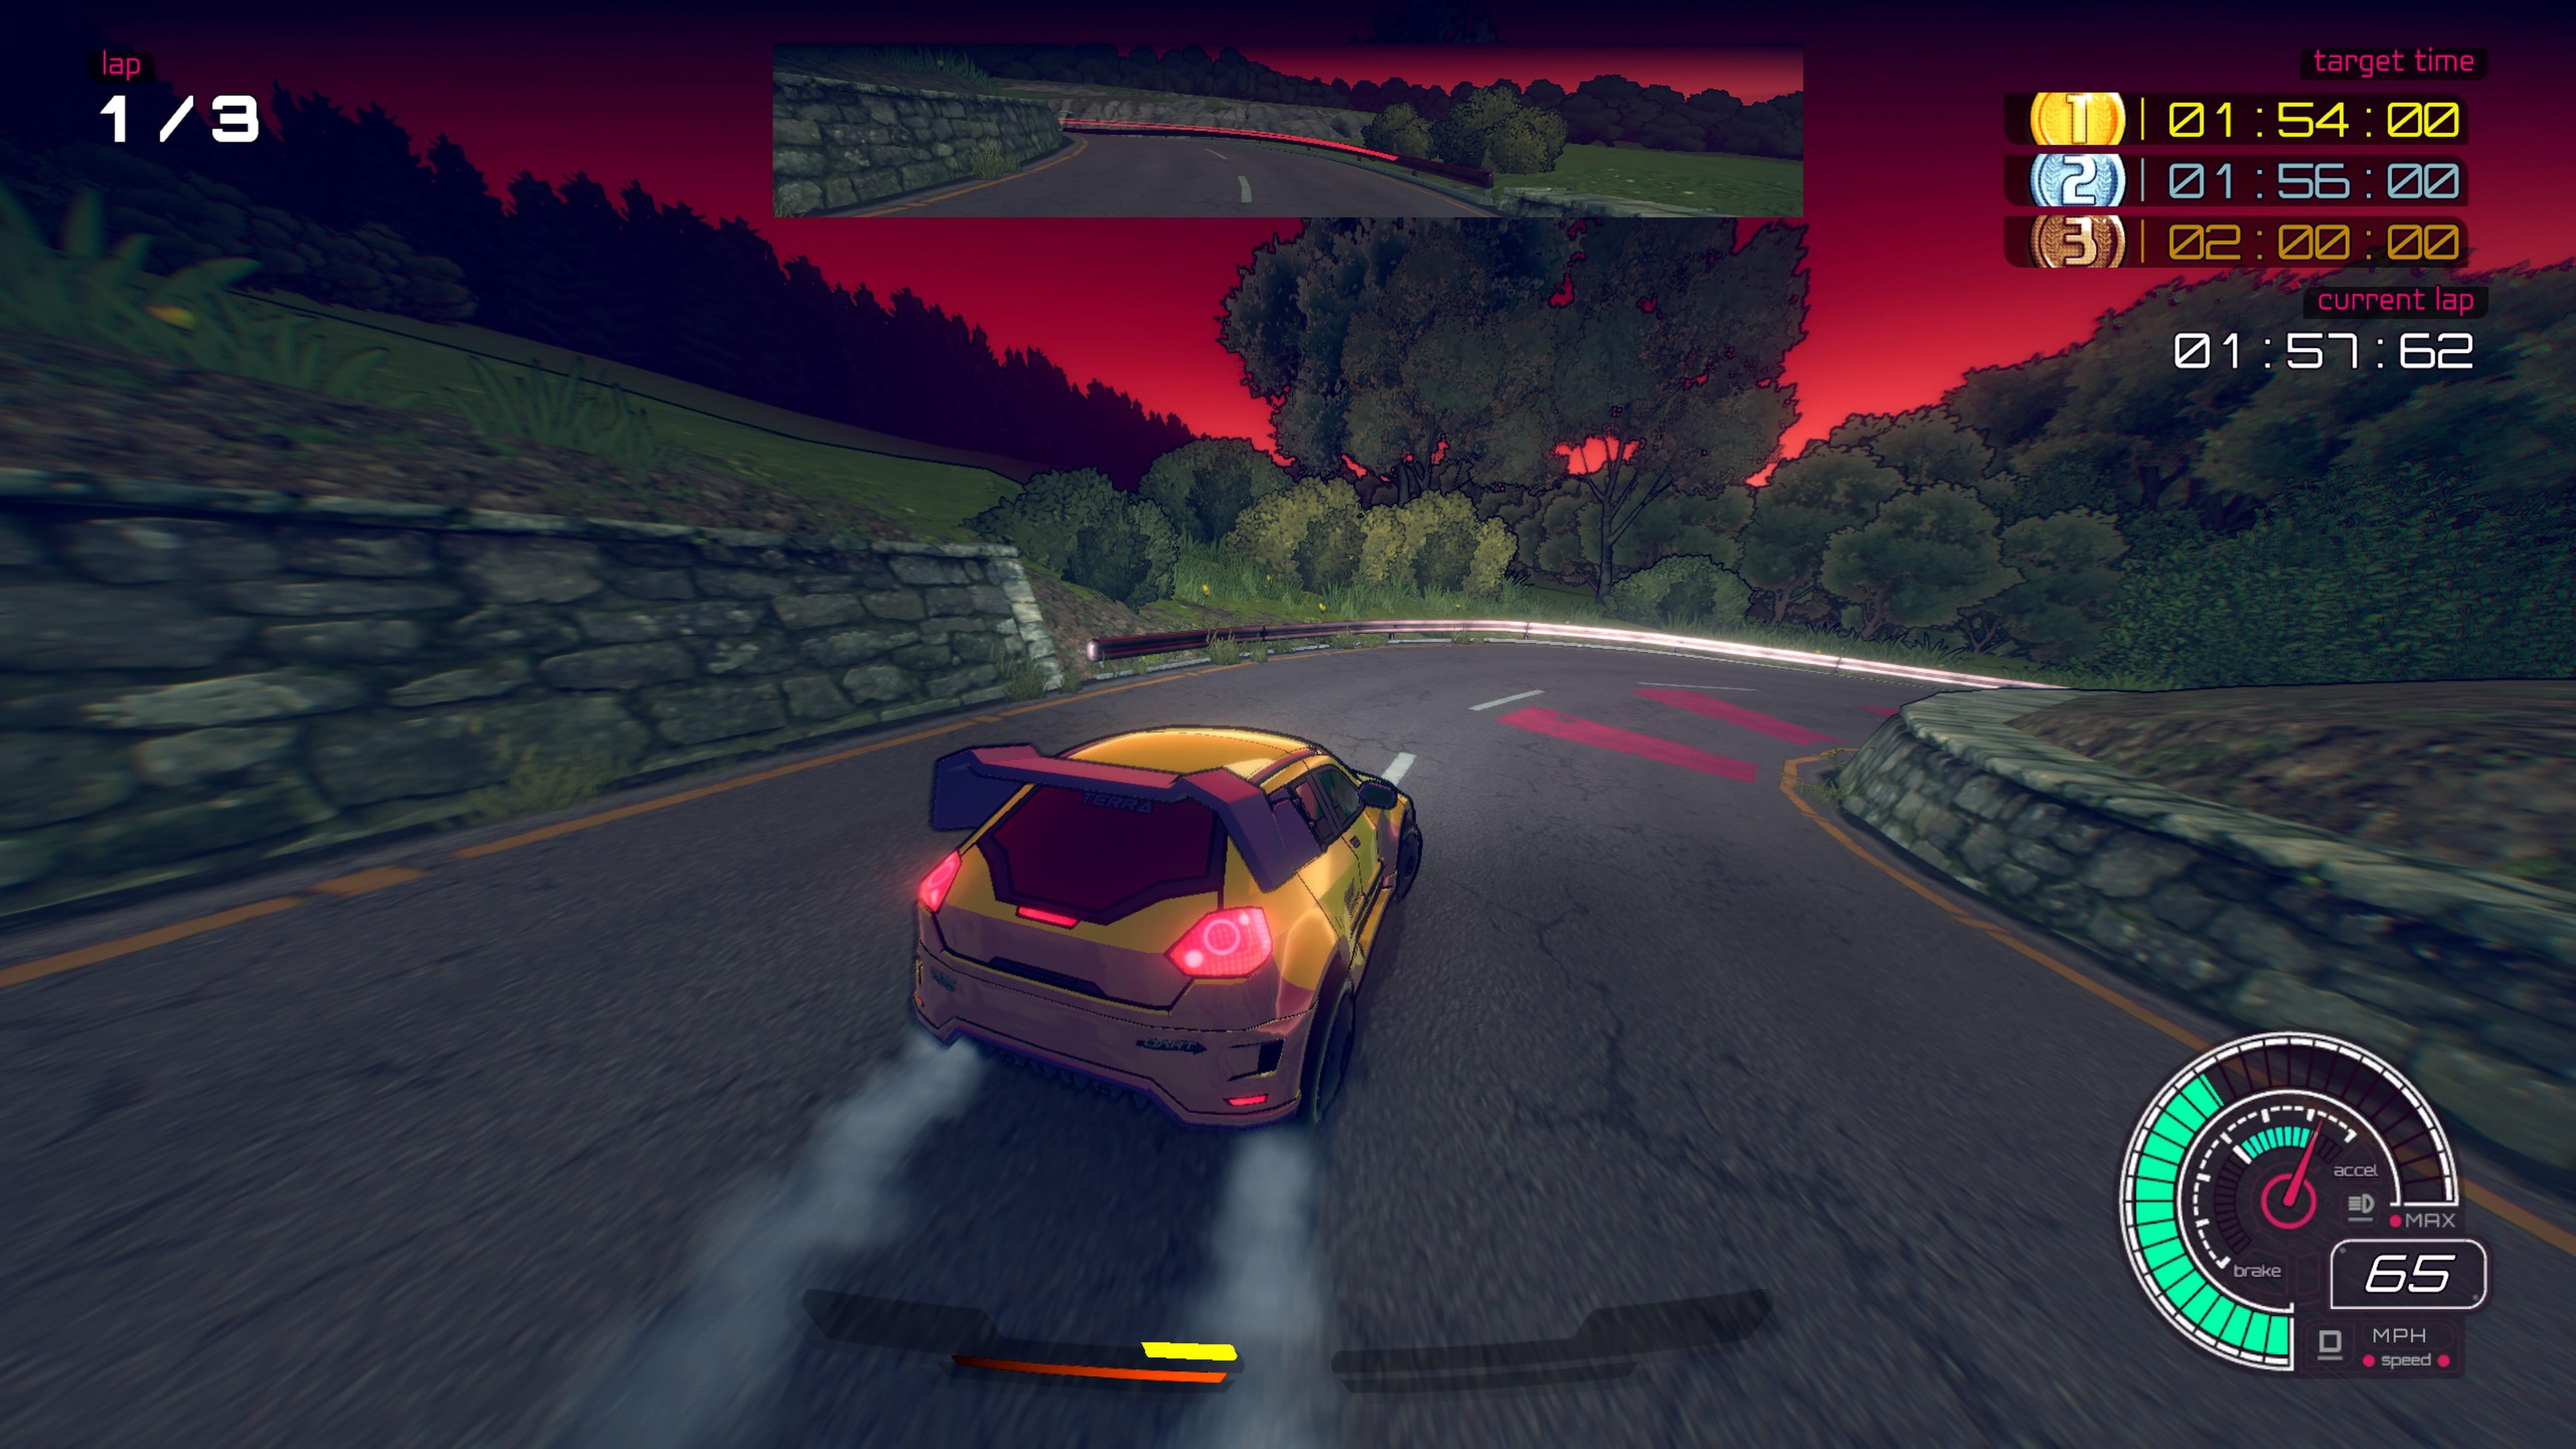 Inertial Drift Race UI